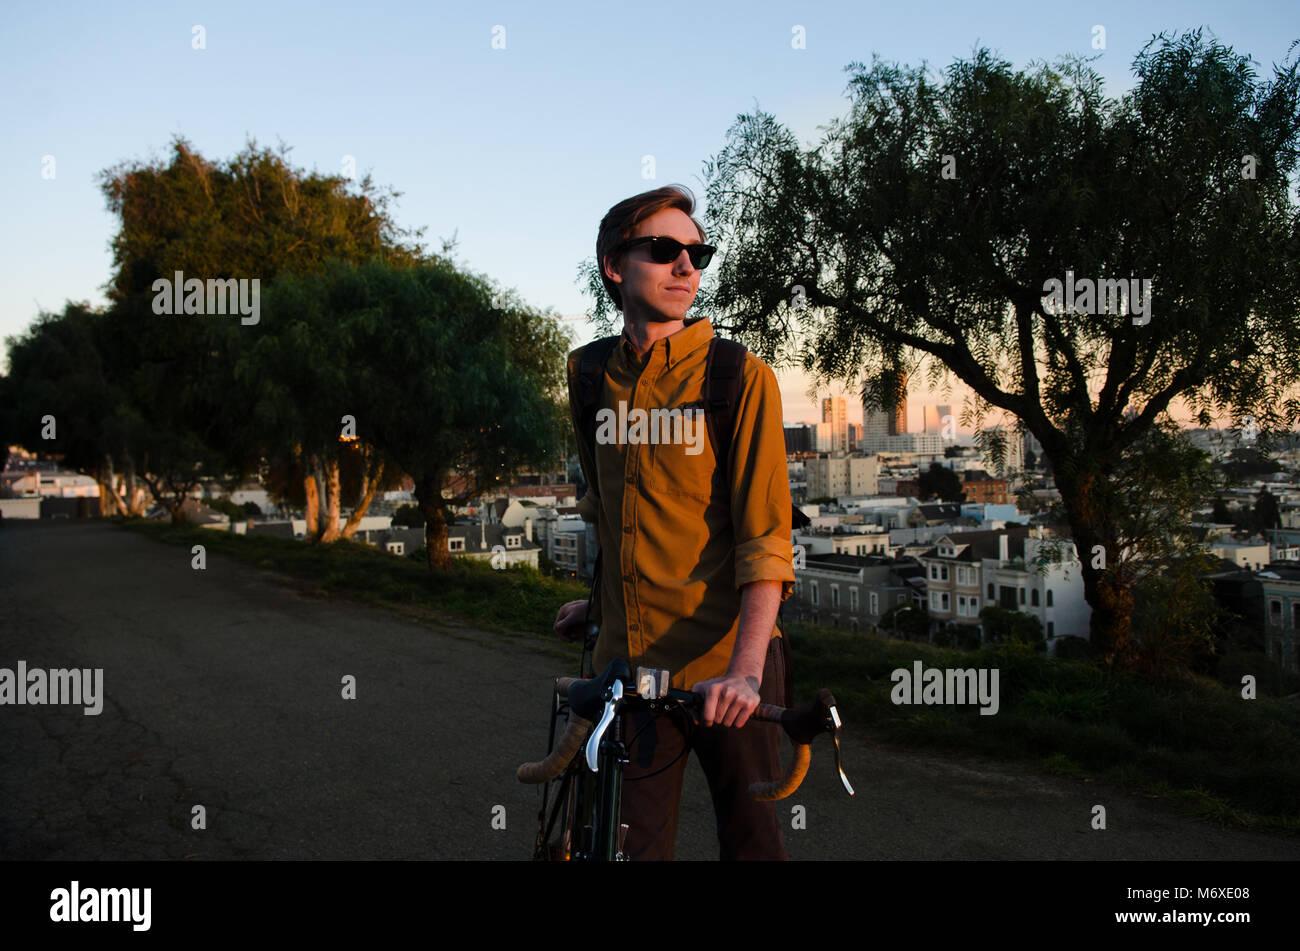 Mann sein Fahrrad in einem Park Stockbild